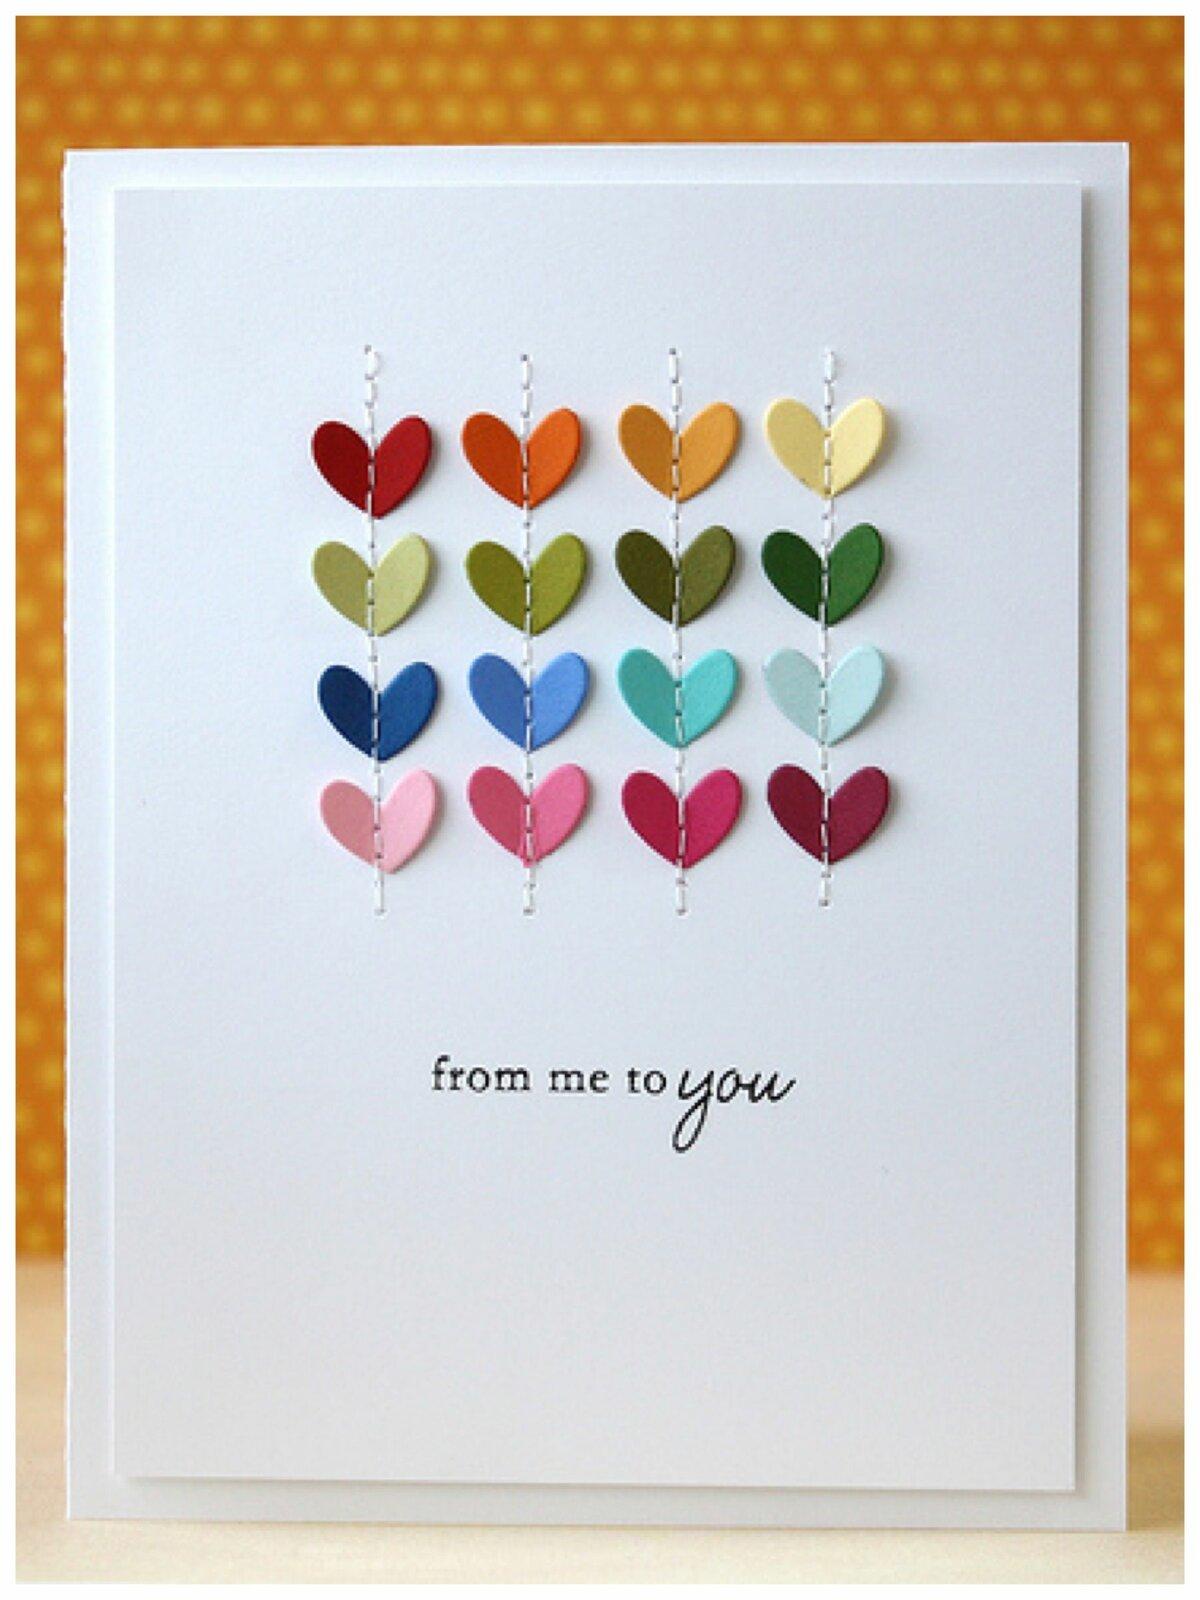 Оригинальная открытка для подруги к дню рождения